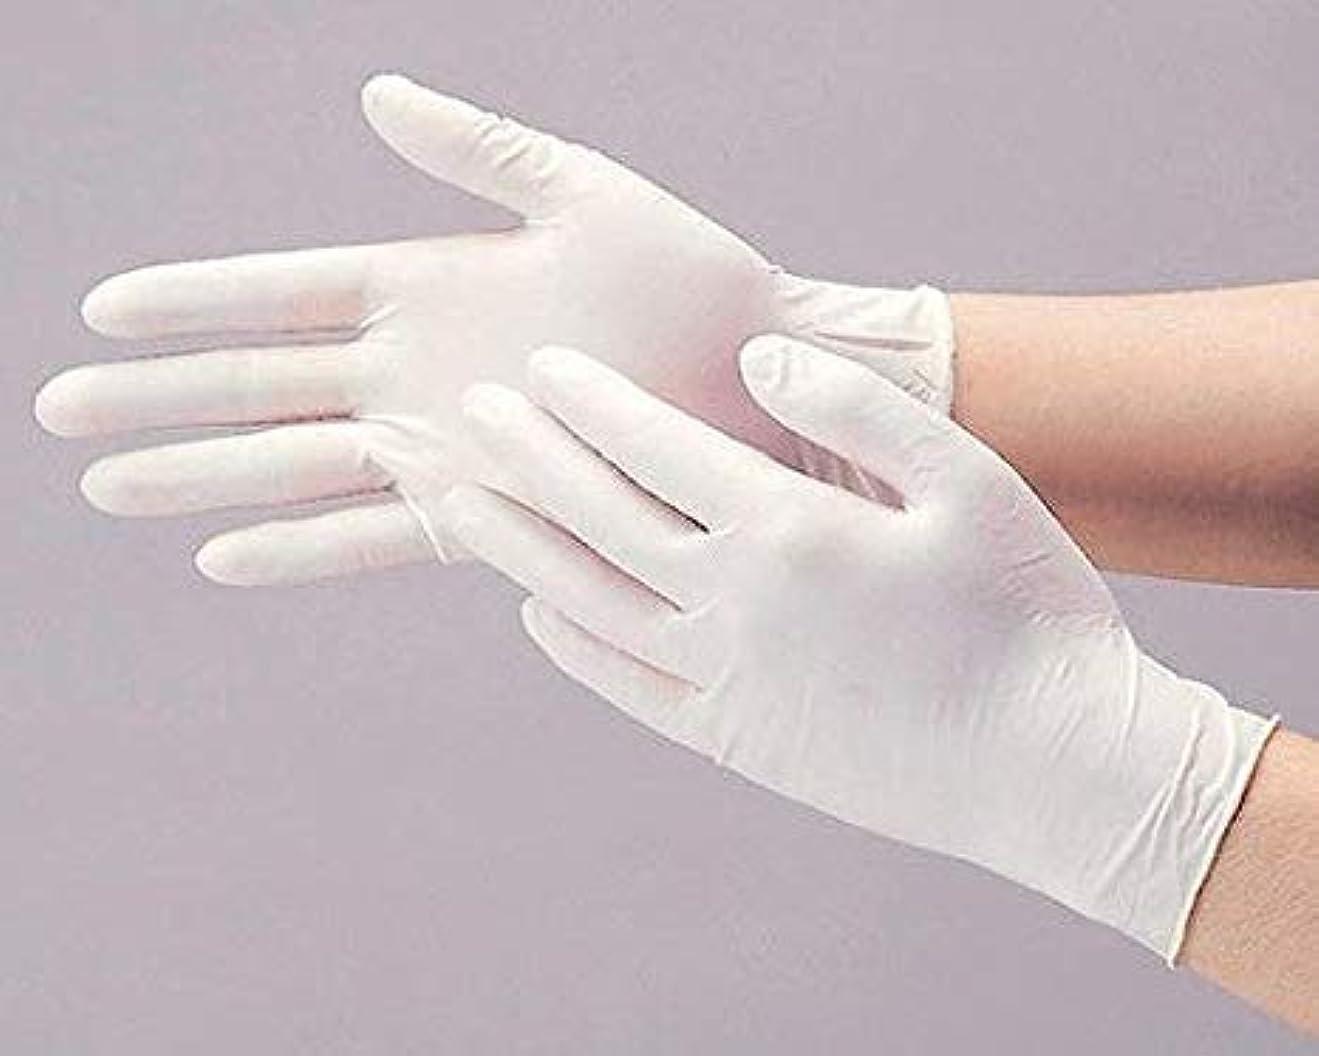 フォルダ宝入植者ケース販売 ダンロップ 天然ゴム極薄手袋 NR611 (40箱, Sサイズ)